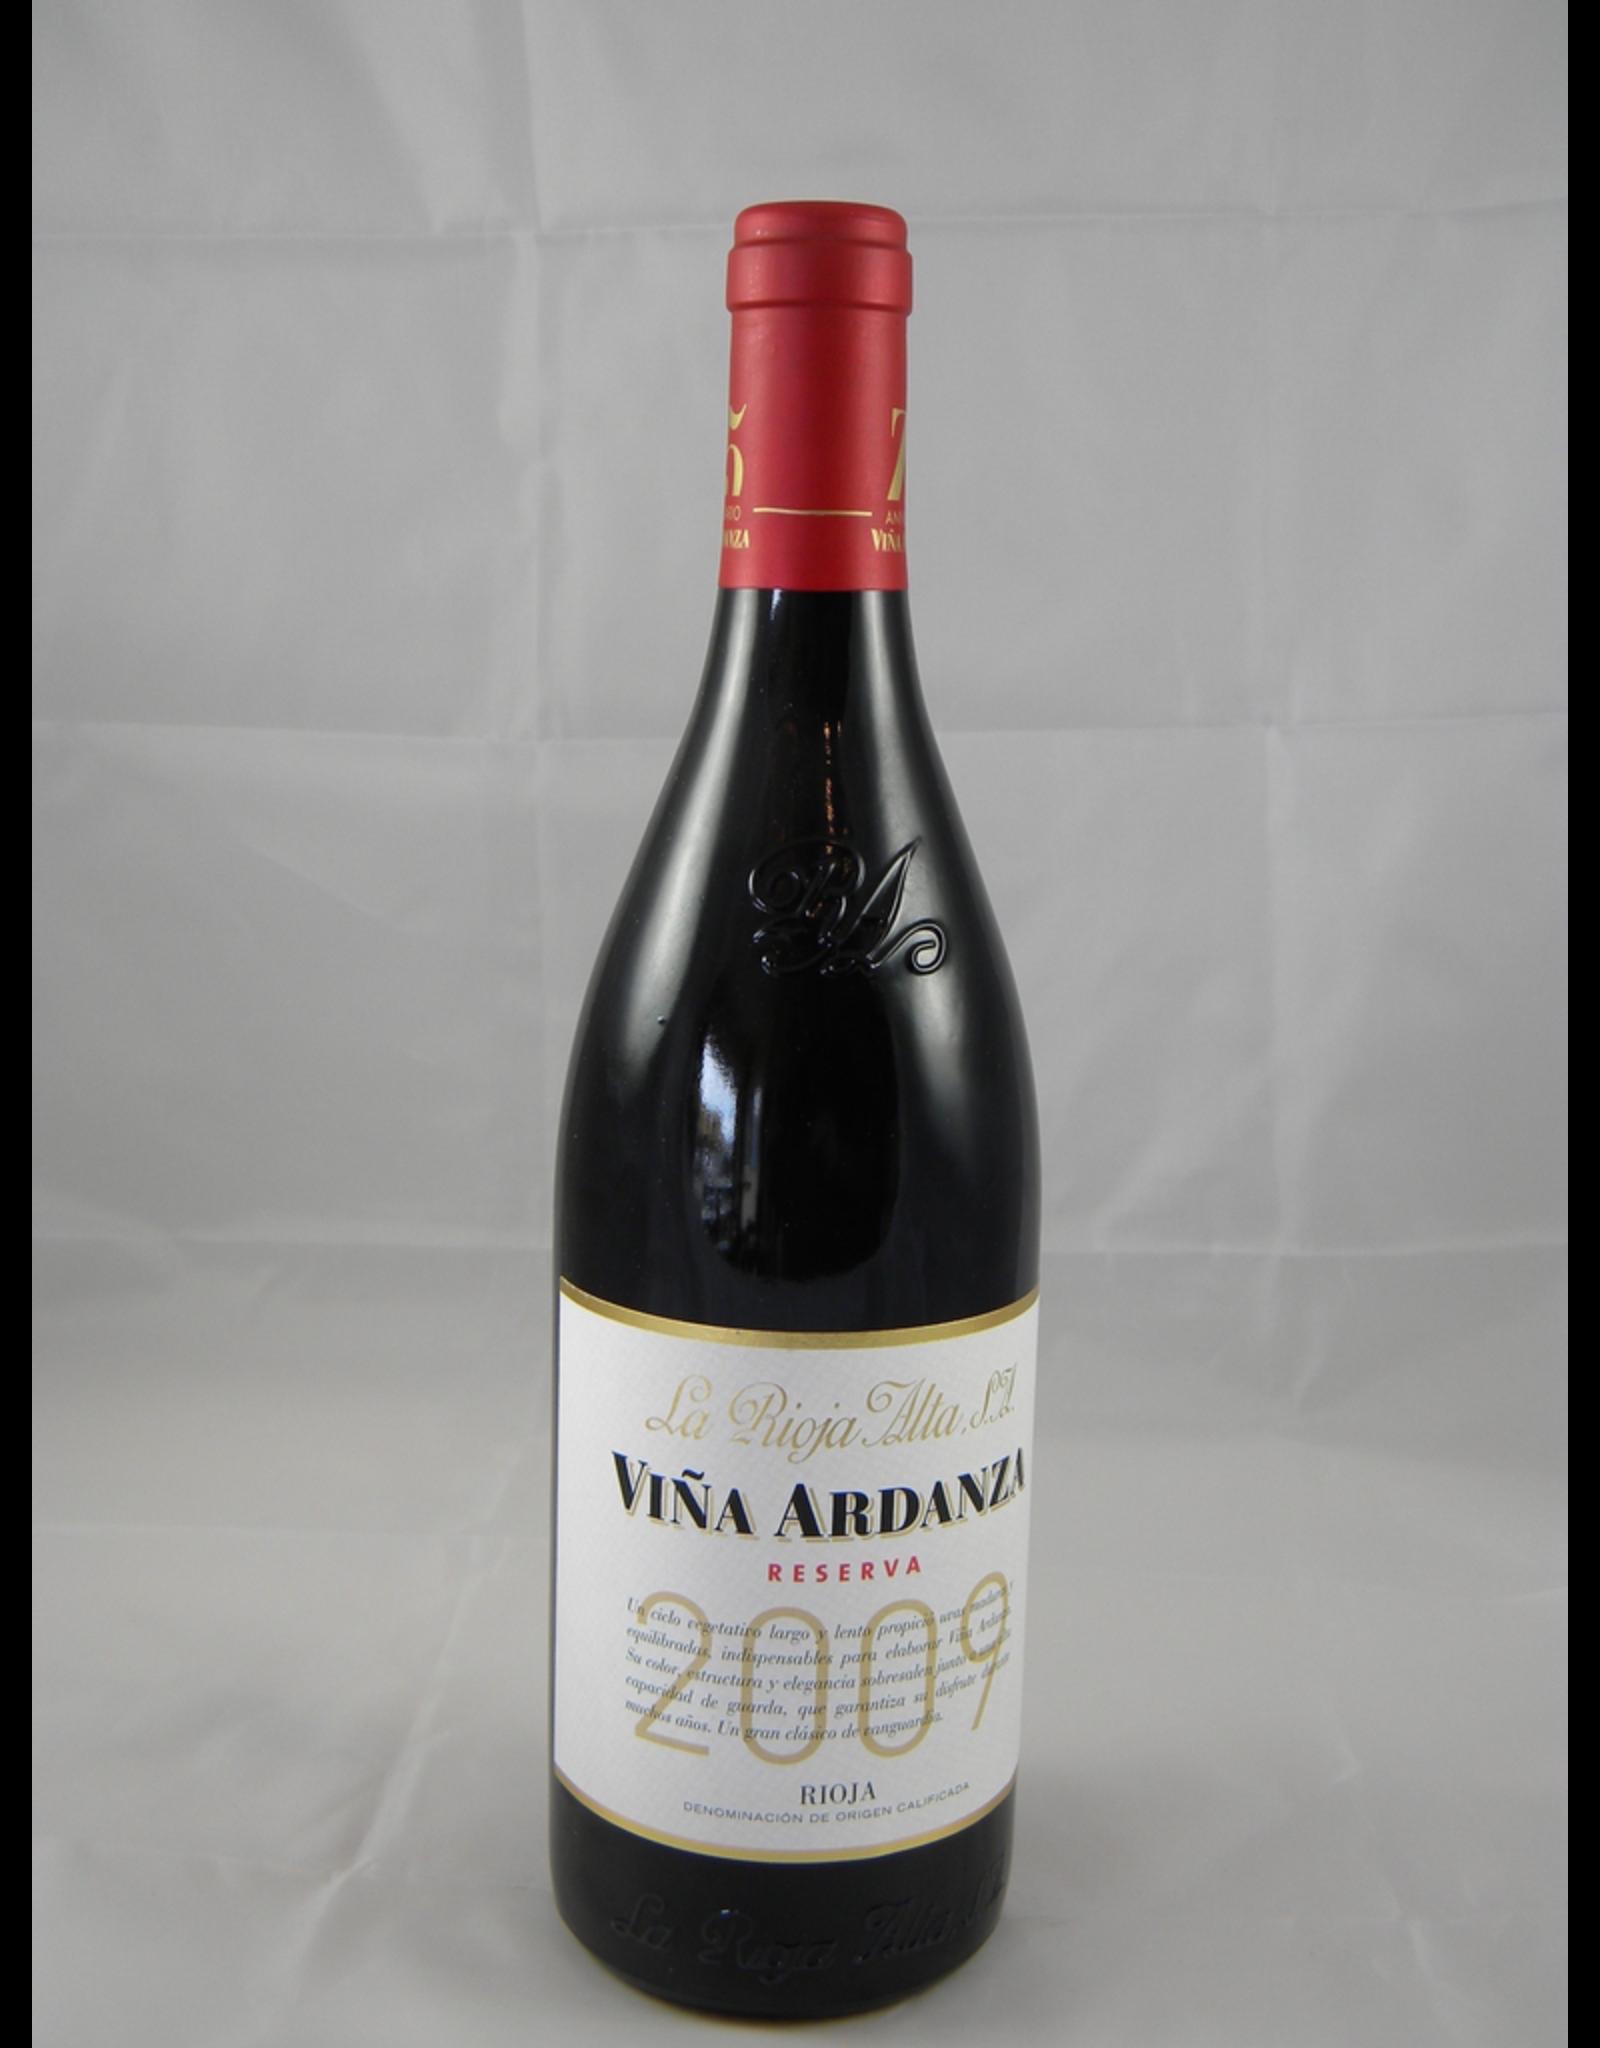 La Rioja Alta La Rioja Alta Rioja Vina Ardanza Reserva Seleccion Especial 2010